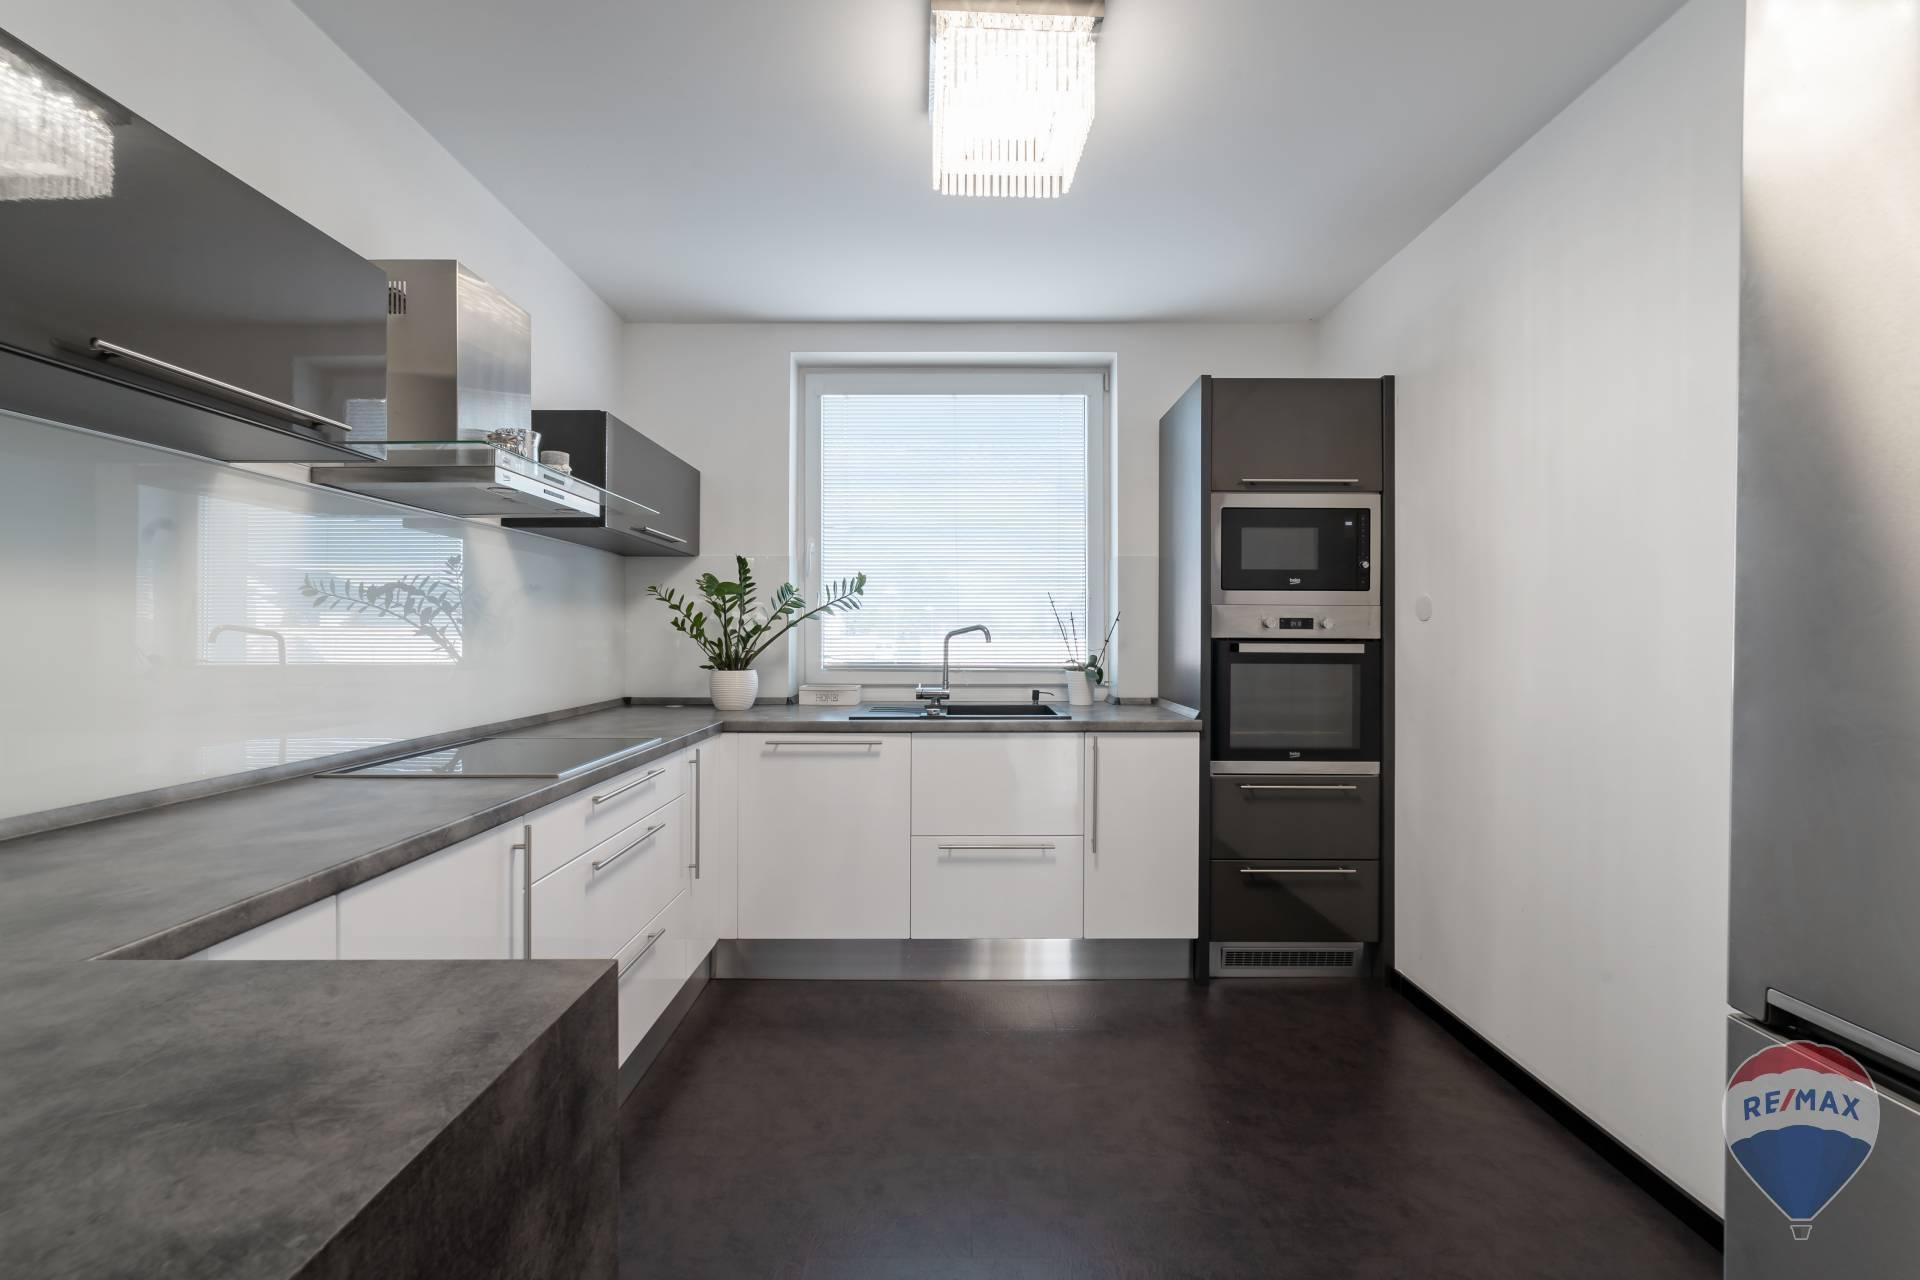 Predaj domu 250 m2, Ilava - Realitná kancelária RE/MAX ponúka Na predaj rodinný dom,Klobušice, Lukas Kázmér - realitný maklér